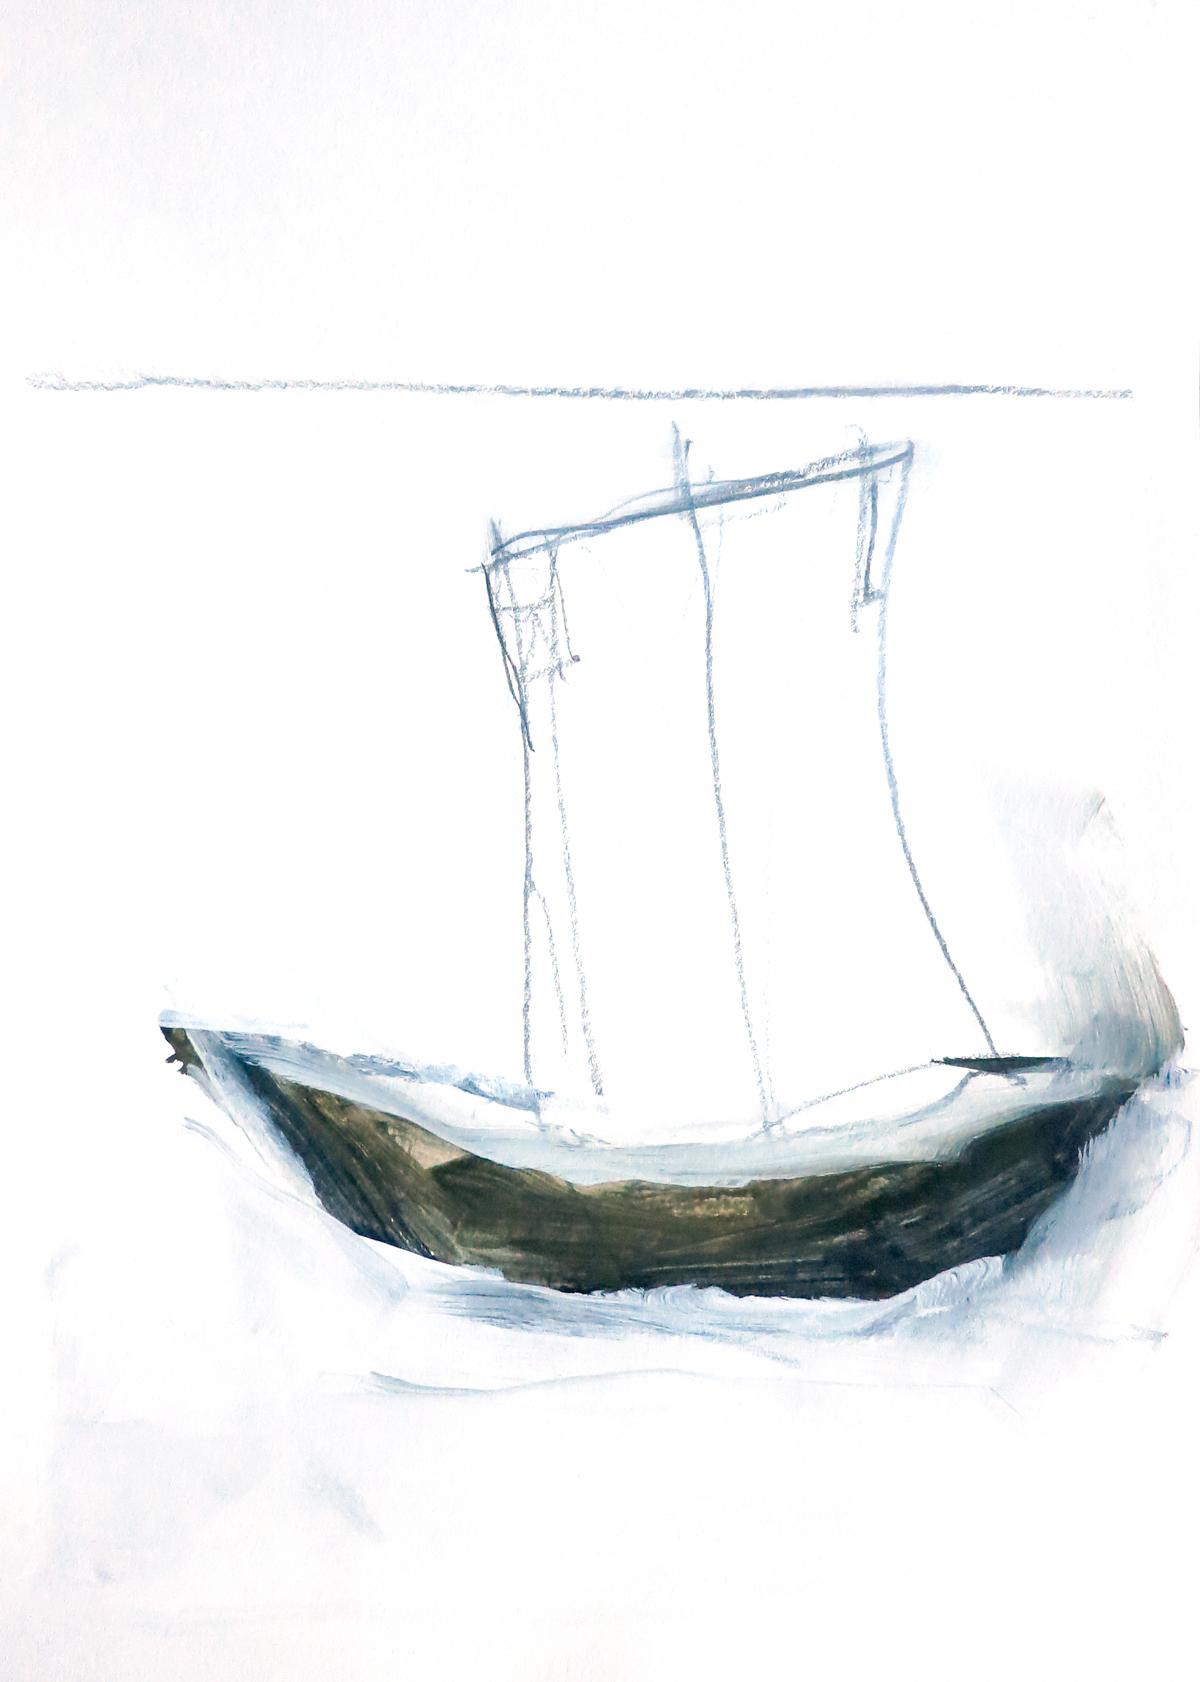 mid-sea passage